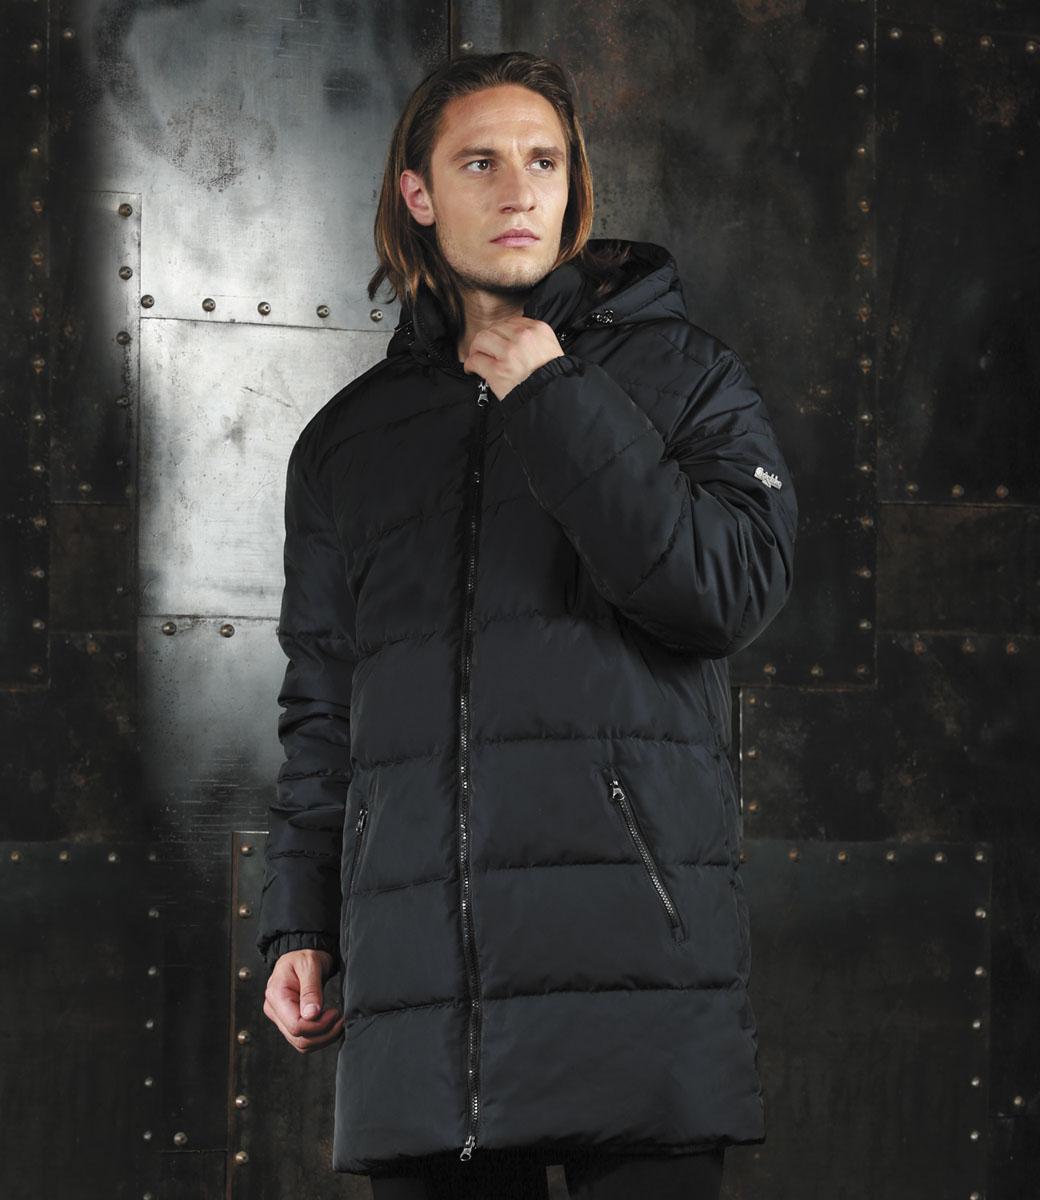 Куртка мужская Grishko, цвет: черный. AL-2976. Размер 54AL-2976Мужская удлинённая куртка Grishko, выполненная из полиамида, придаст образу безупречный стиль. Подкладка изготовлена из гладкого и приятного на ощупь материала. В качестве утеплителя используется полиэфирное волокно, который отлично сохраняет тепло.Куртка прямого кроя с капюшоном и воротником-стойкой застегивается на застежку-молнию с двумя бегунками. С внутренней стороны расположена ветрозащитная планка. Край капюшона дополнен шнурком-кулиской. Низ рукавов собран на резинку. Спереди расположено два прорезных кармана на застежке-молнии, с внутренней стороны - прорезной карман на молнии. Изделие оформлено фирменным логотипом.Такая практичная и теплая куртка послужит отличным дополнением к вашему гардеробу!